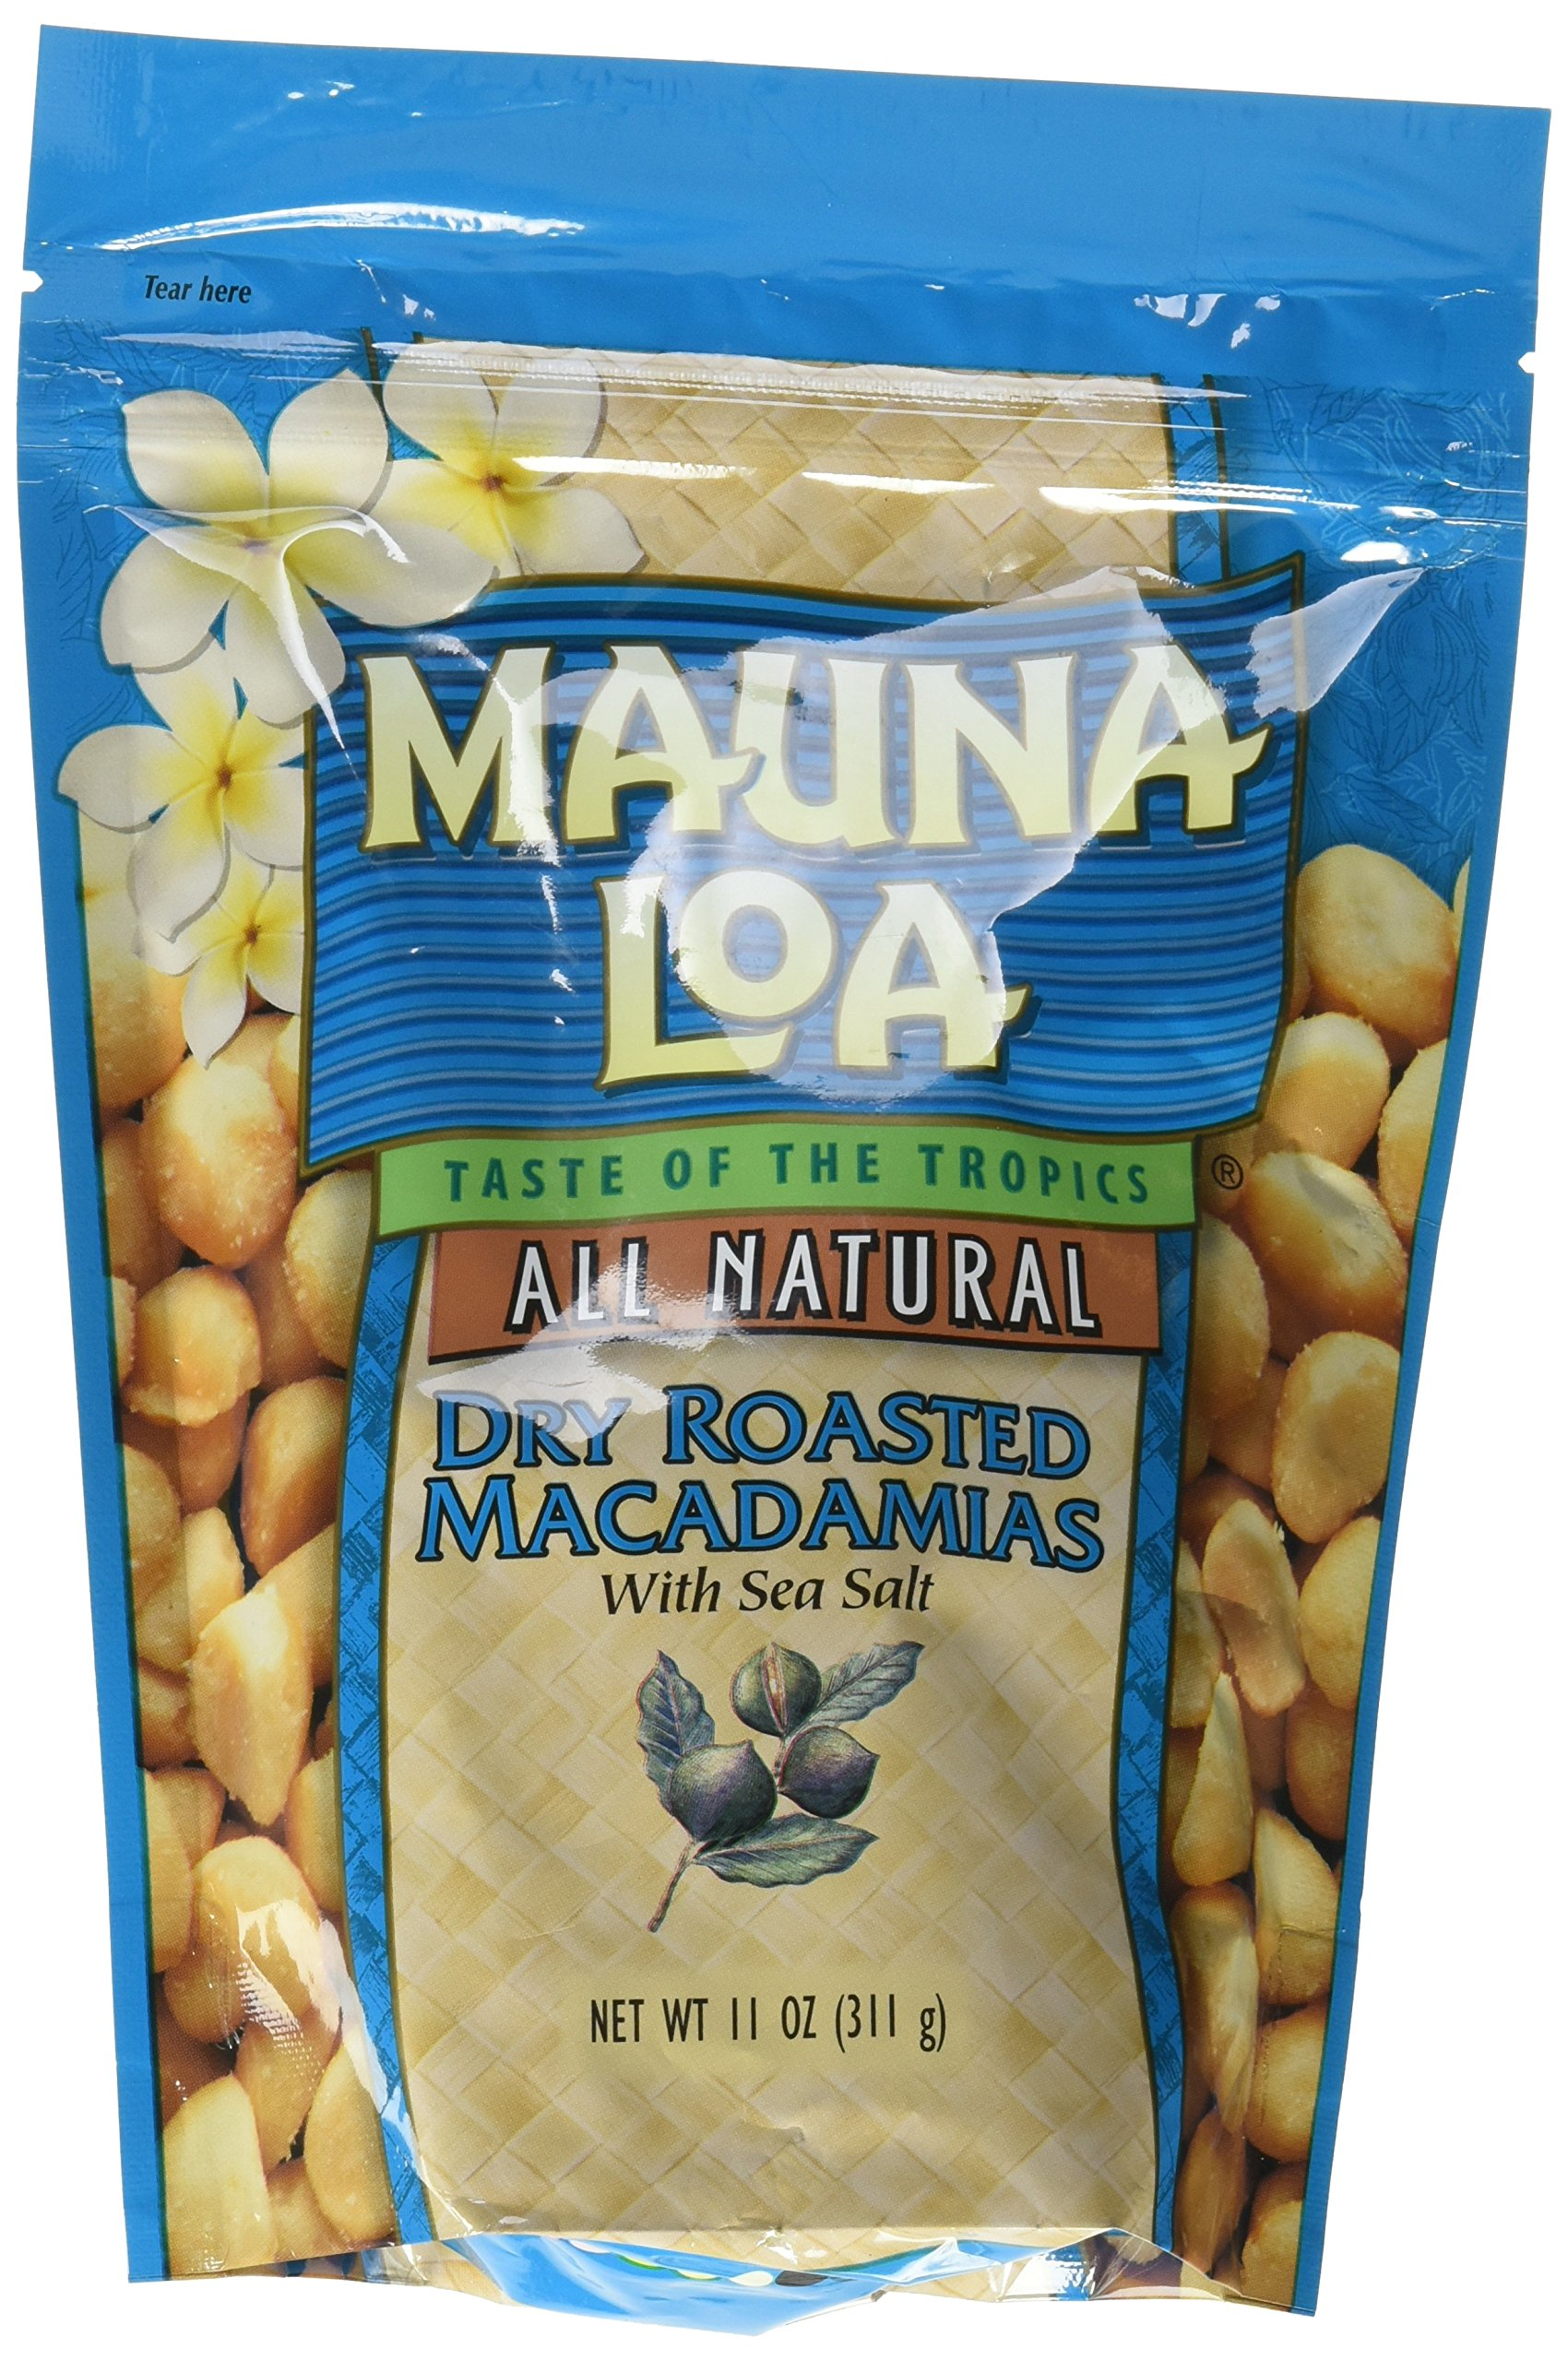 Mauna Loa Dry Roasted With Sea Salt Macadamia Nuts, 11-Ounce Package (Pack of 12)